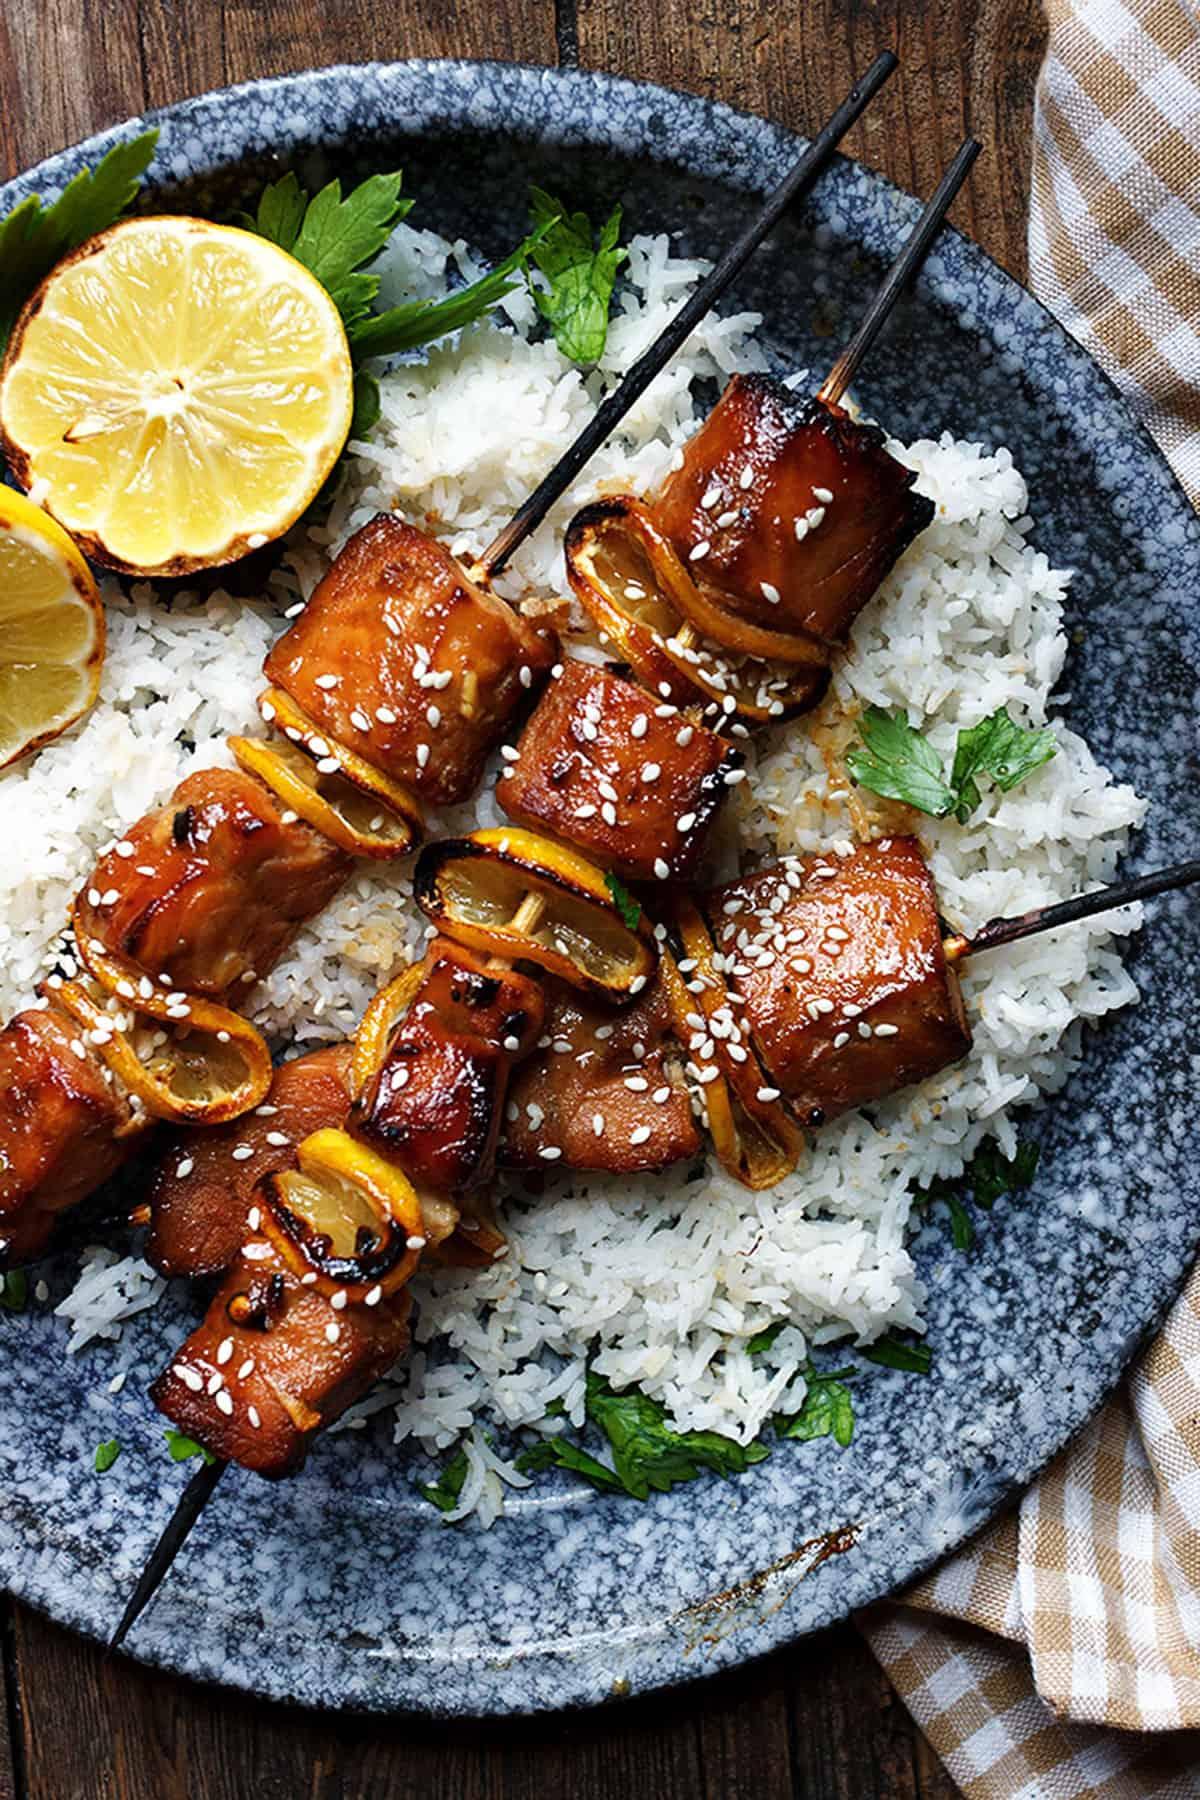 soy sesame salmon skewers on rice